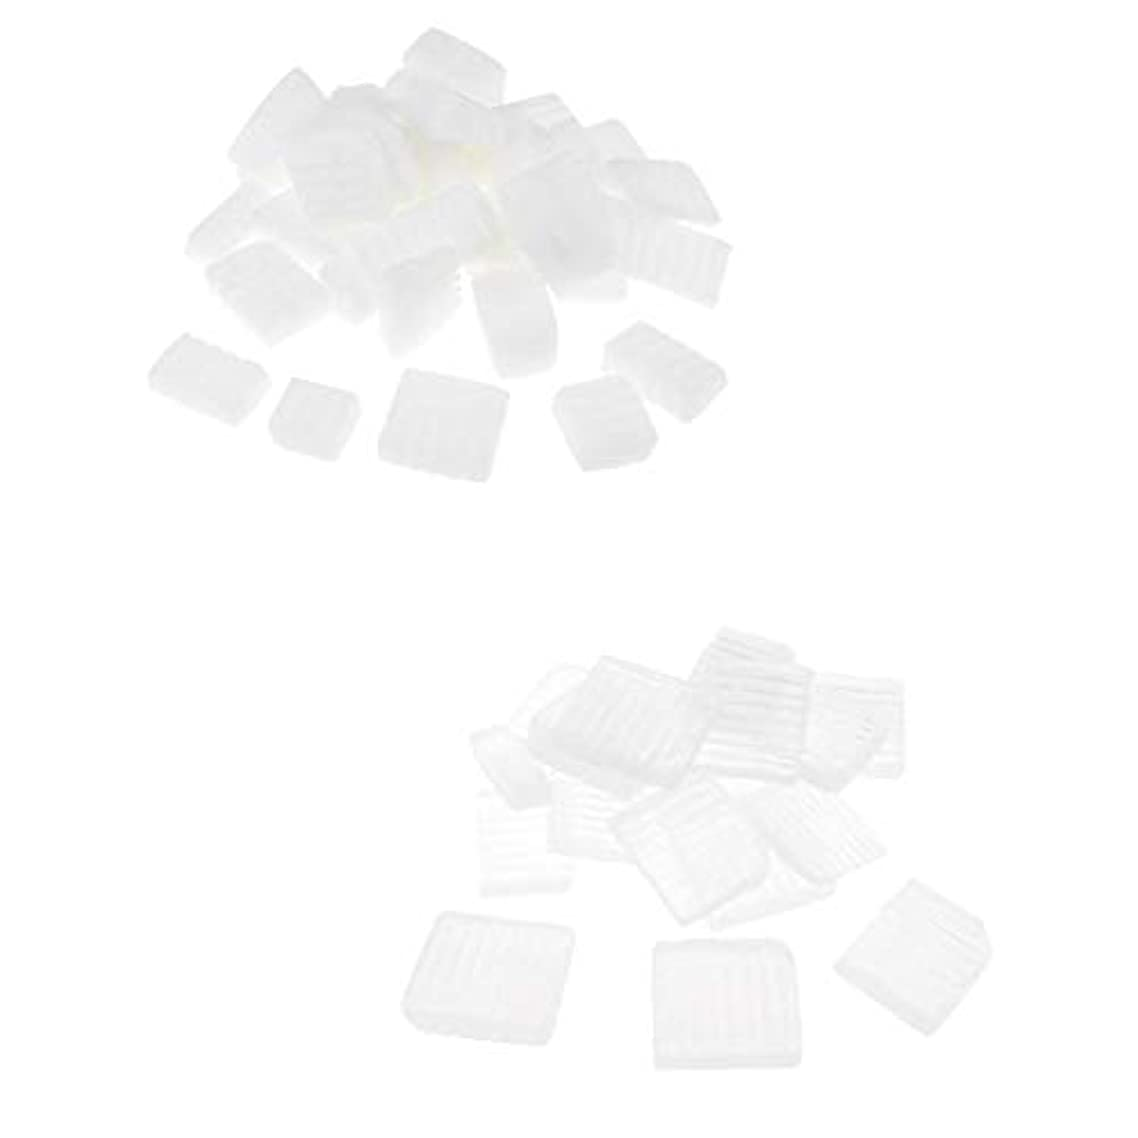 虐待受け入れるハブブFLAMEER 固形せっけん 石鹸ベース 2KG ホワイトクリア DIY製造 工芸品 ハンドメイド 石鹸原料 耐久性